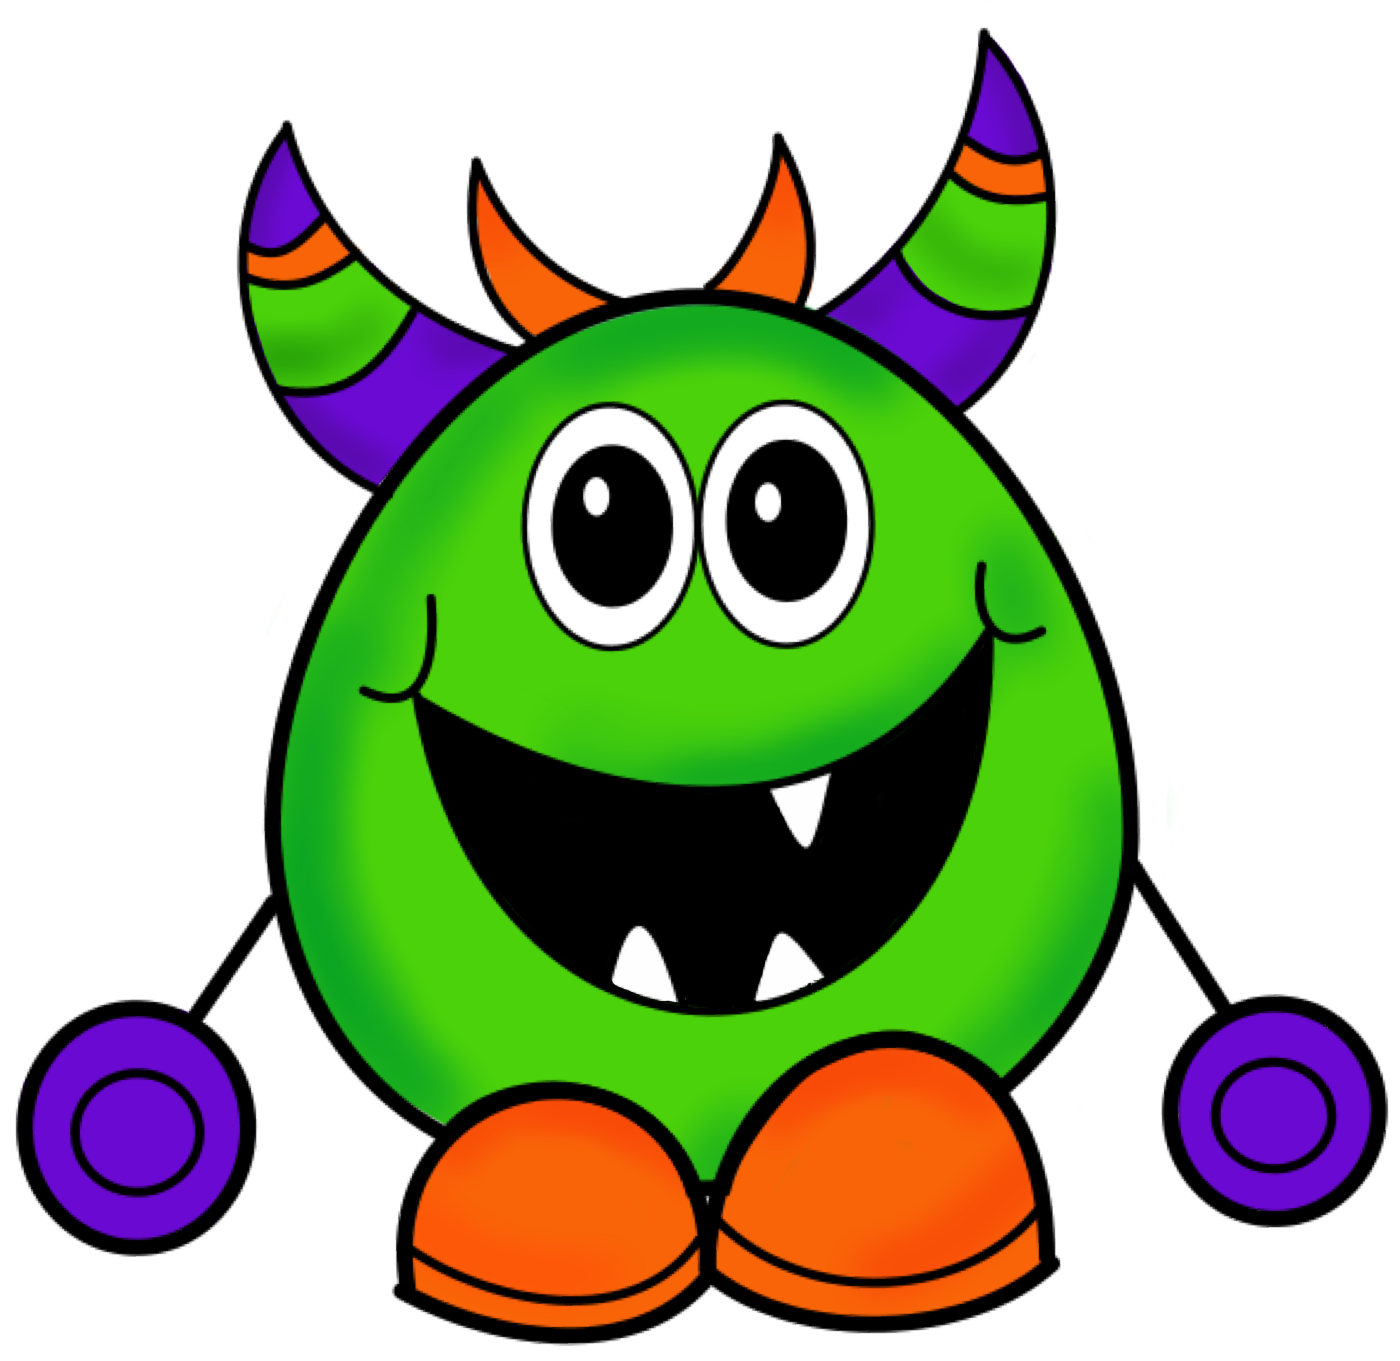 Monster Face Clip Art N2 free image.